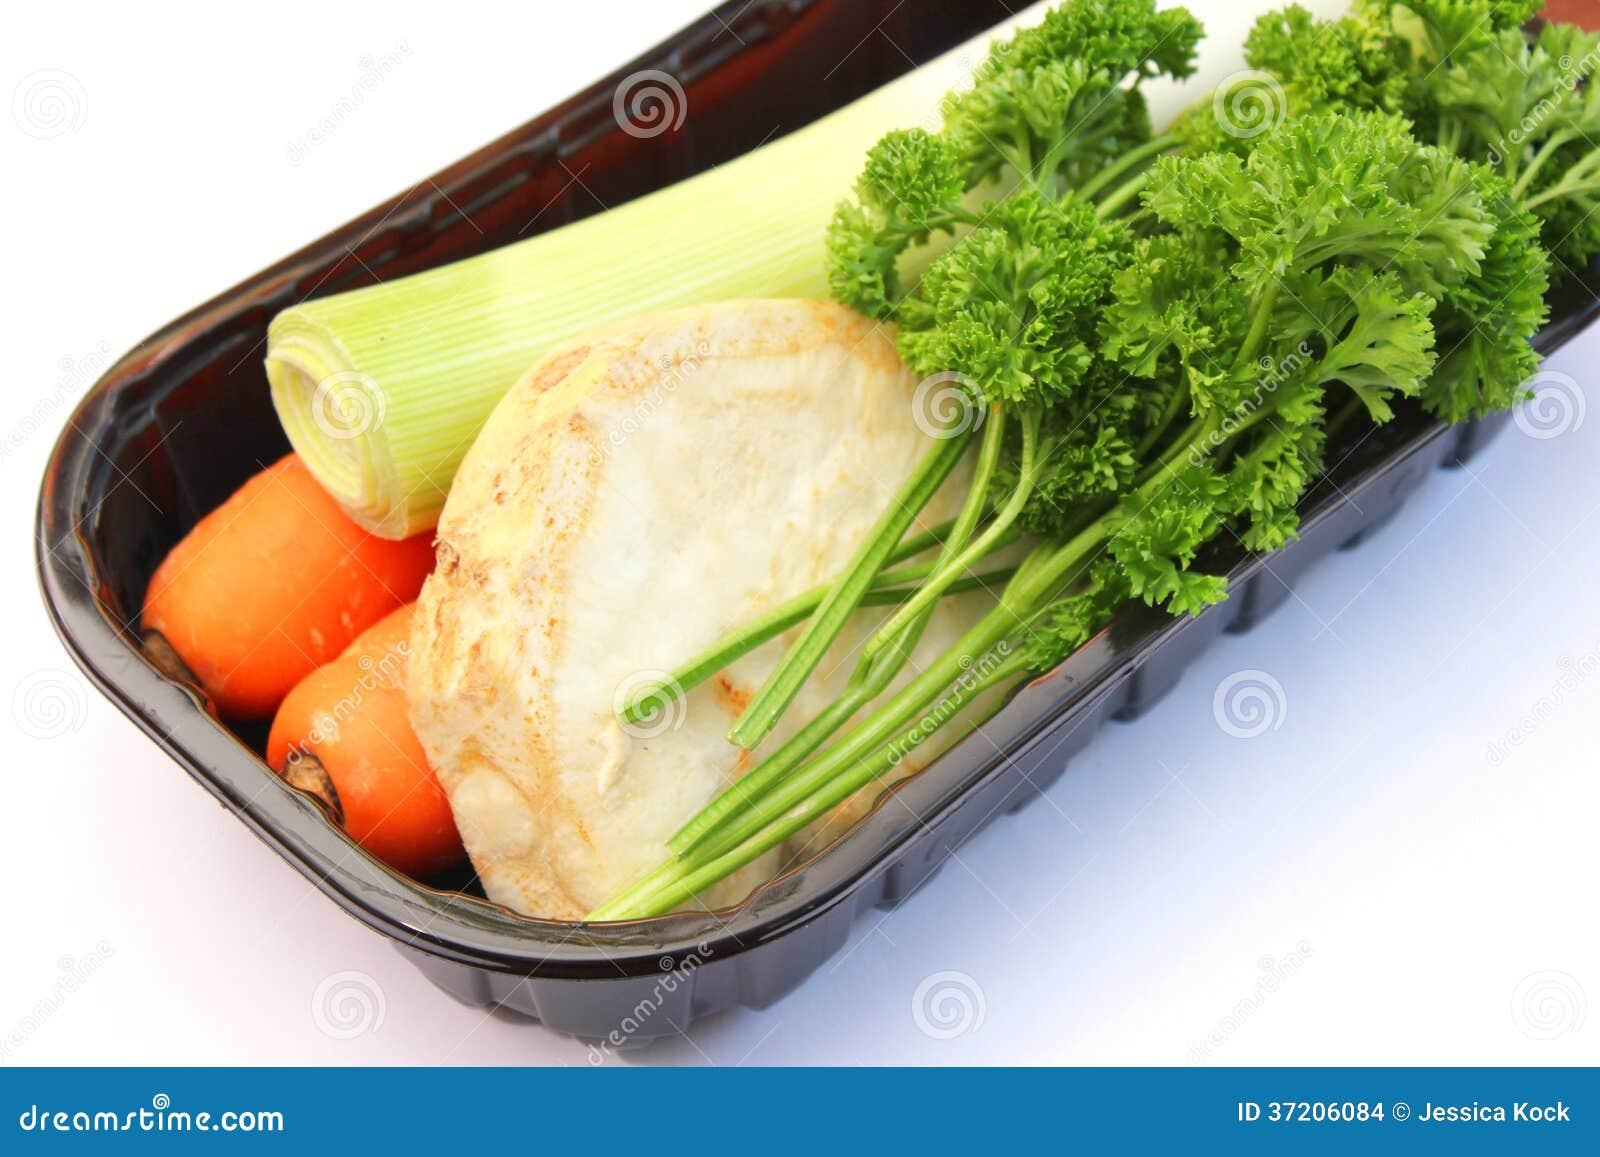 Bonito cocinar verdura fotos cocinar verduras y - Hacer menestra de verduras ...